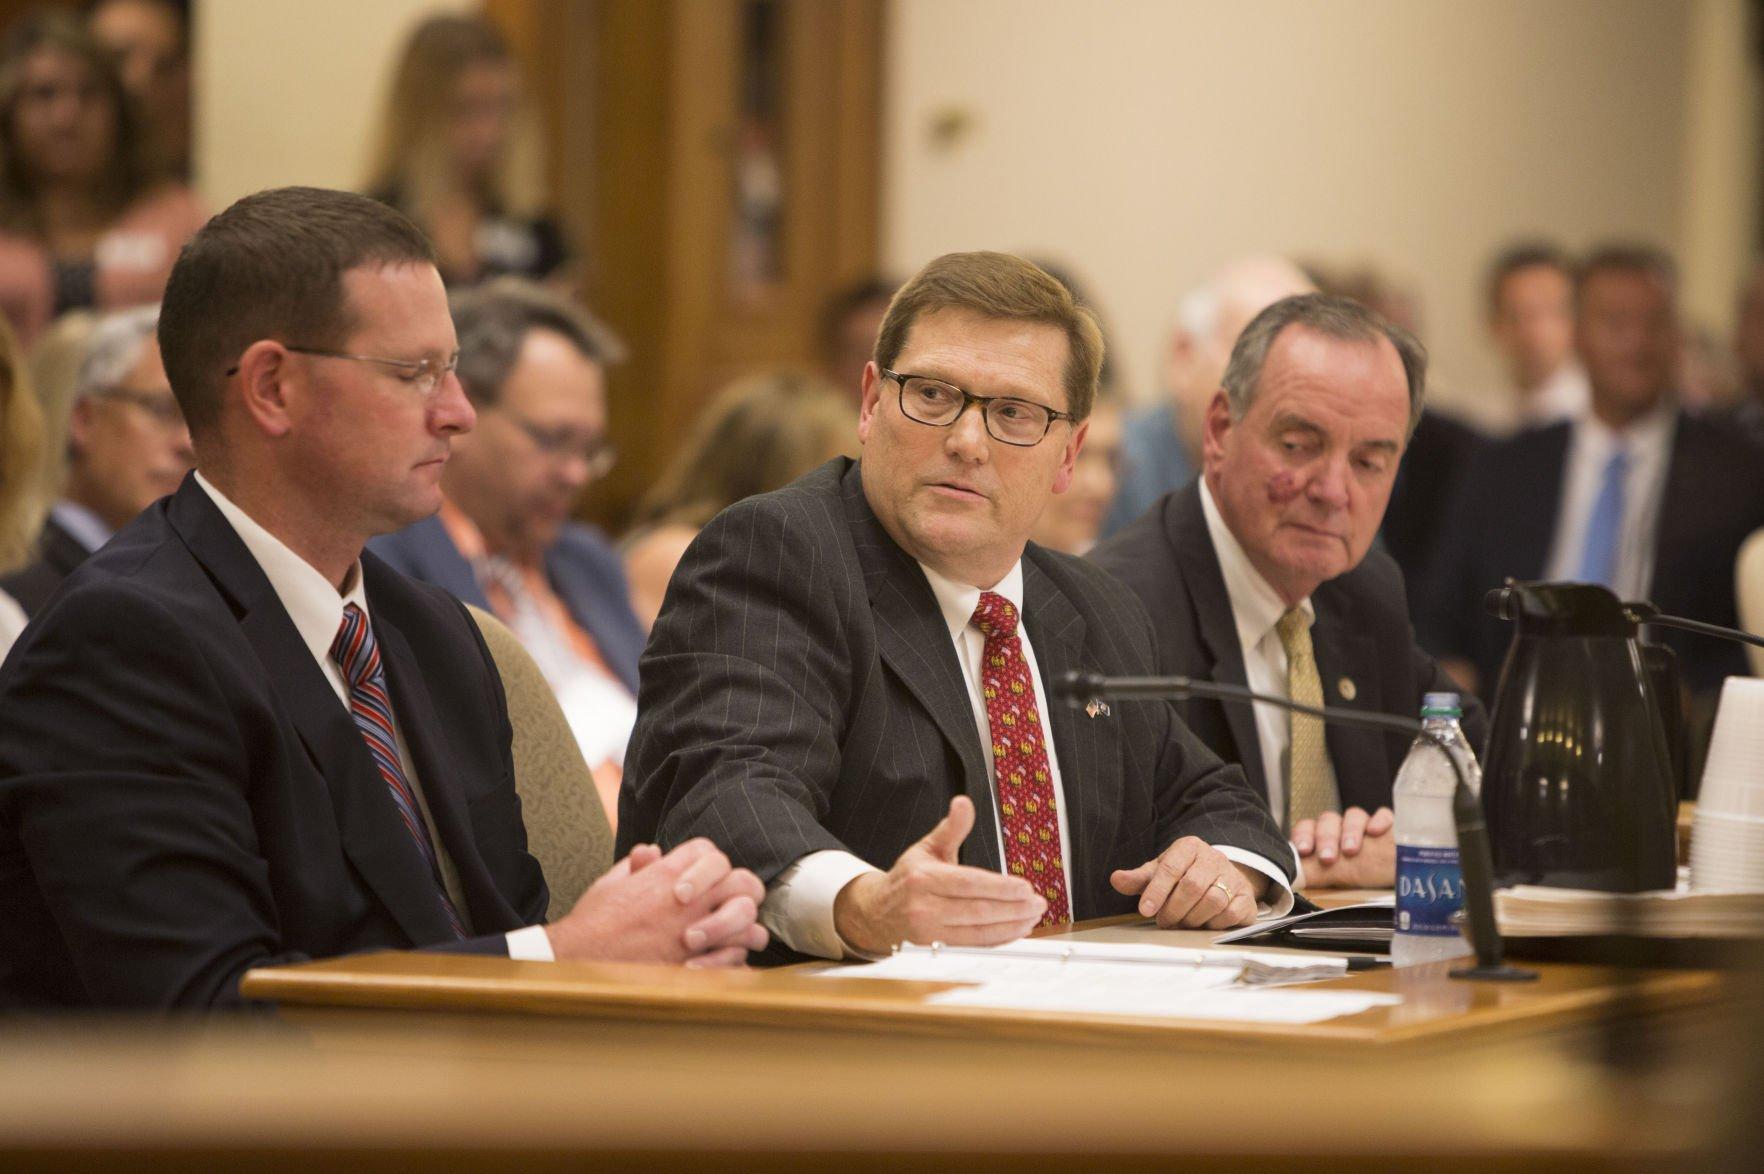 Public hearing on Wisconsin $3B Foxconn tax break bill